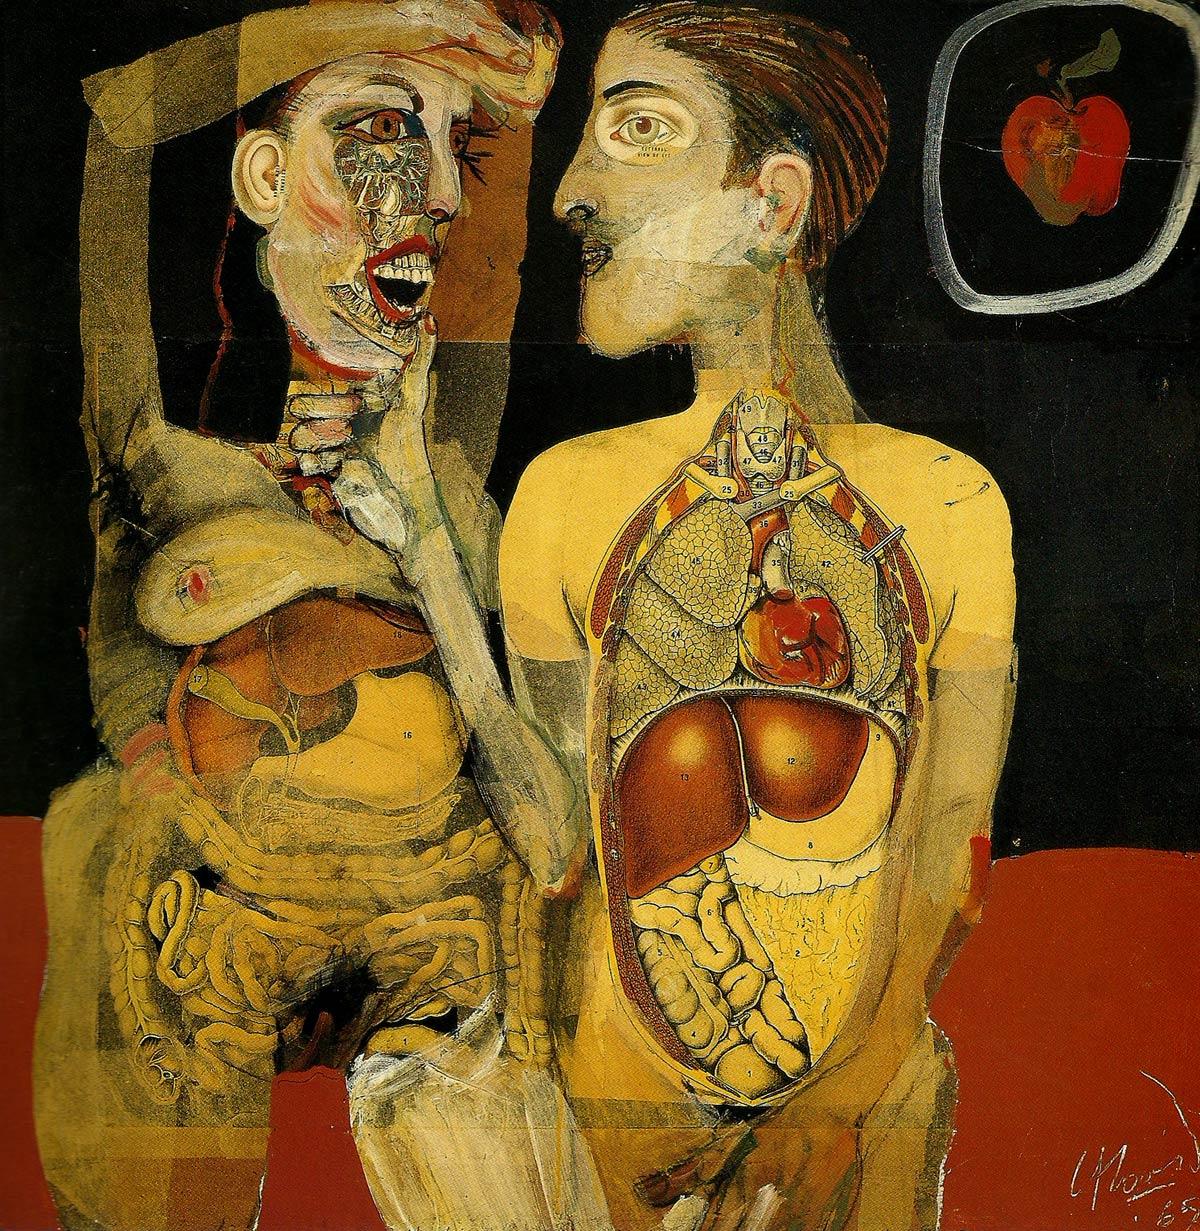 Pinturas de Carlos Alonso